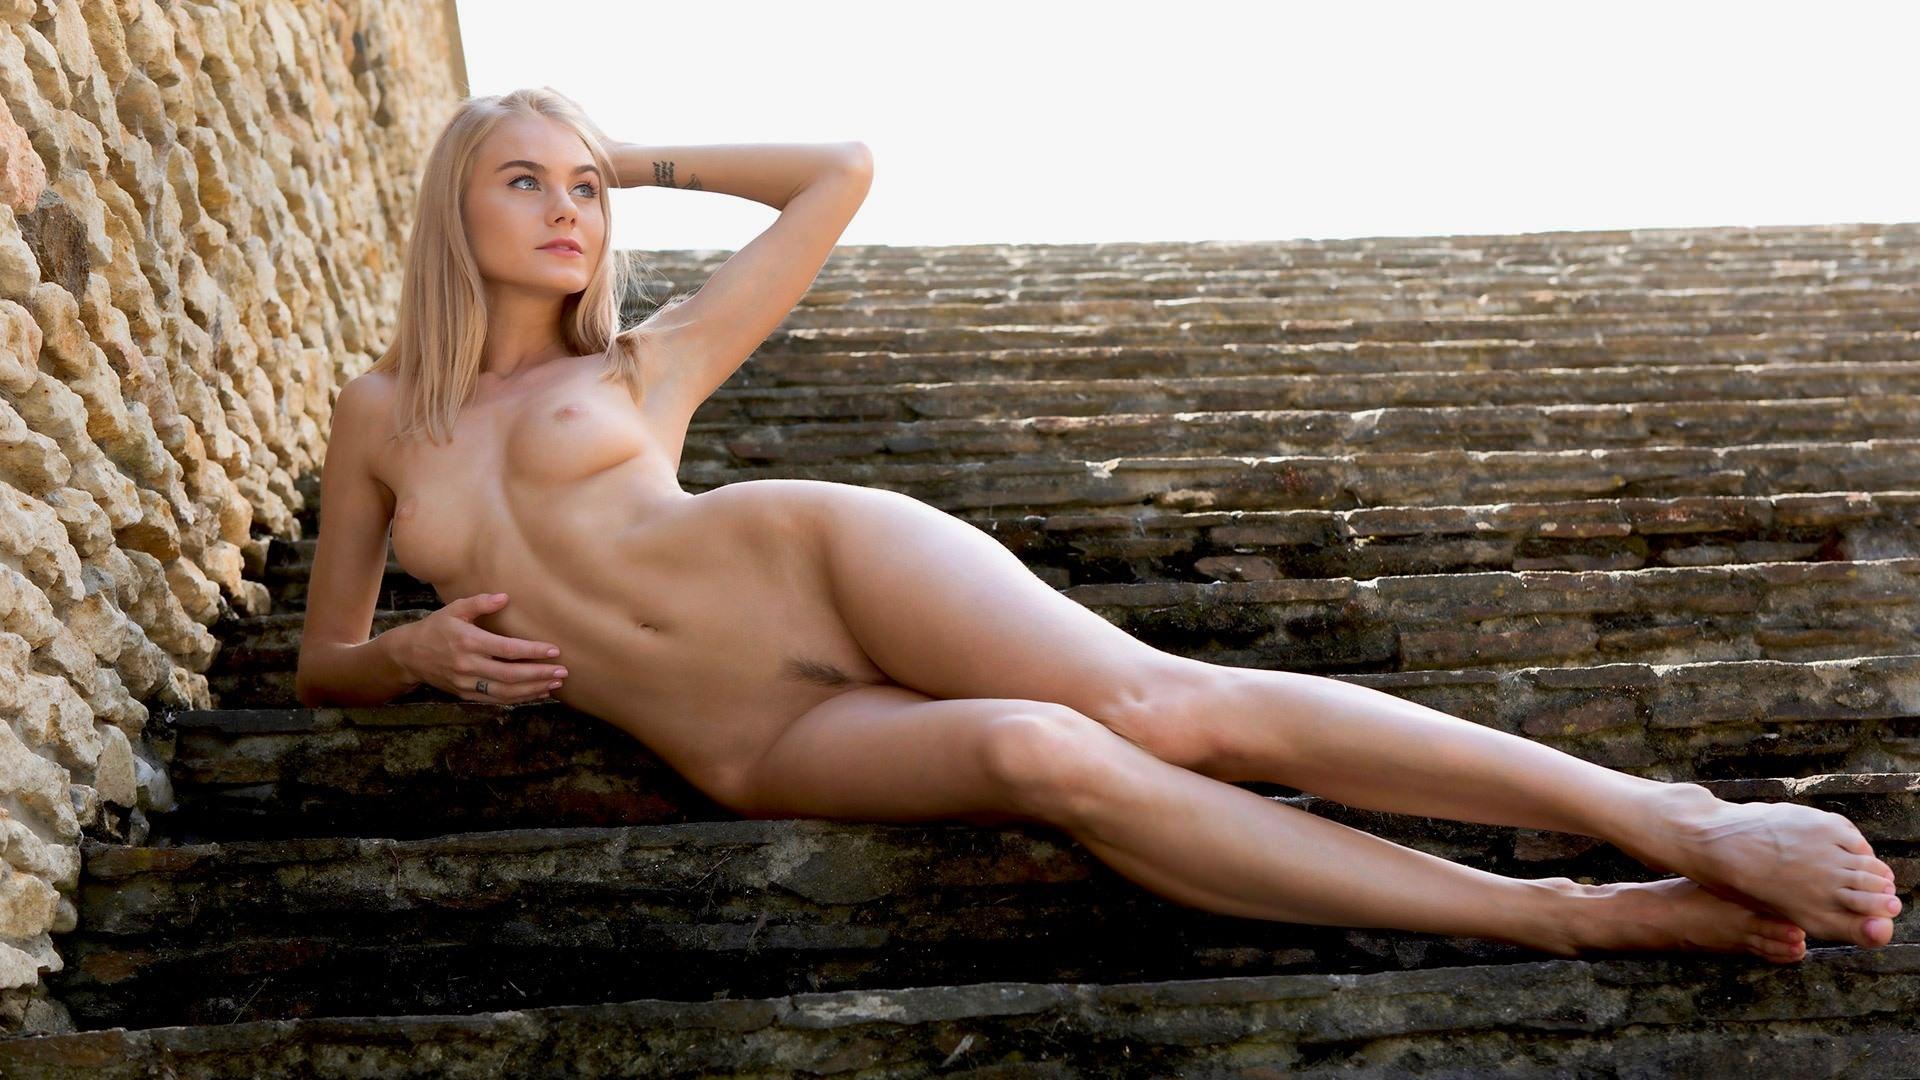 Фото Обнаженная блондинка на лестнице, ступени, голая красотка, длинные ножки, скачать картинку бесплатно